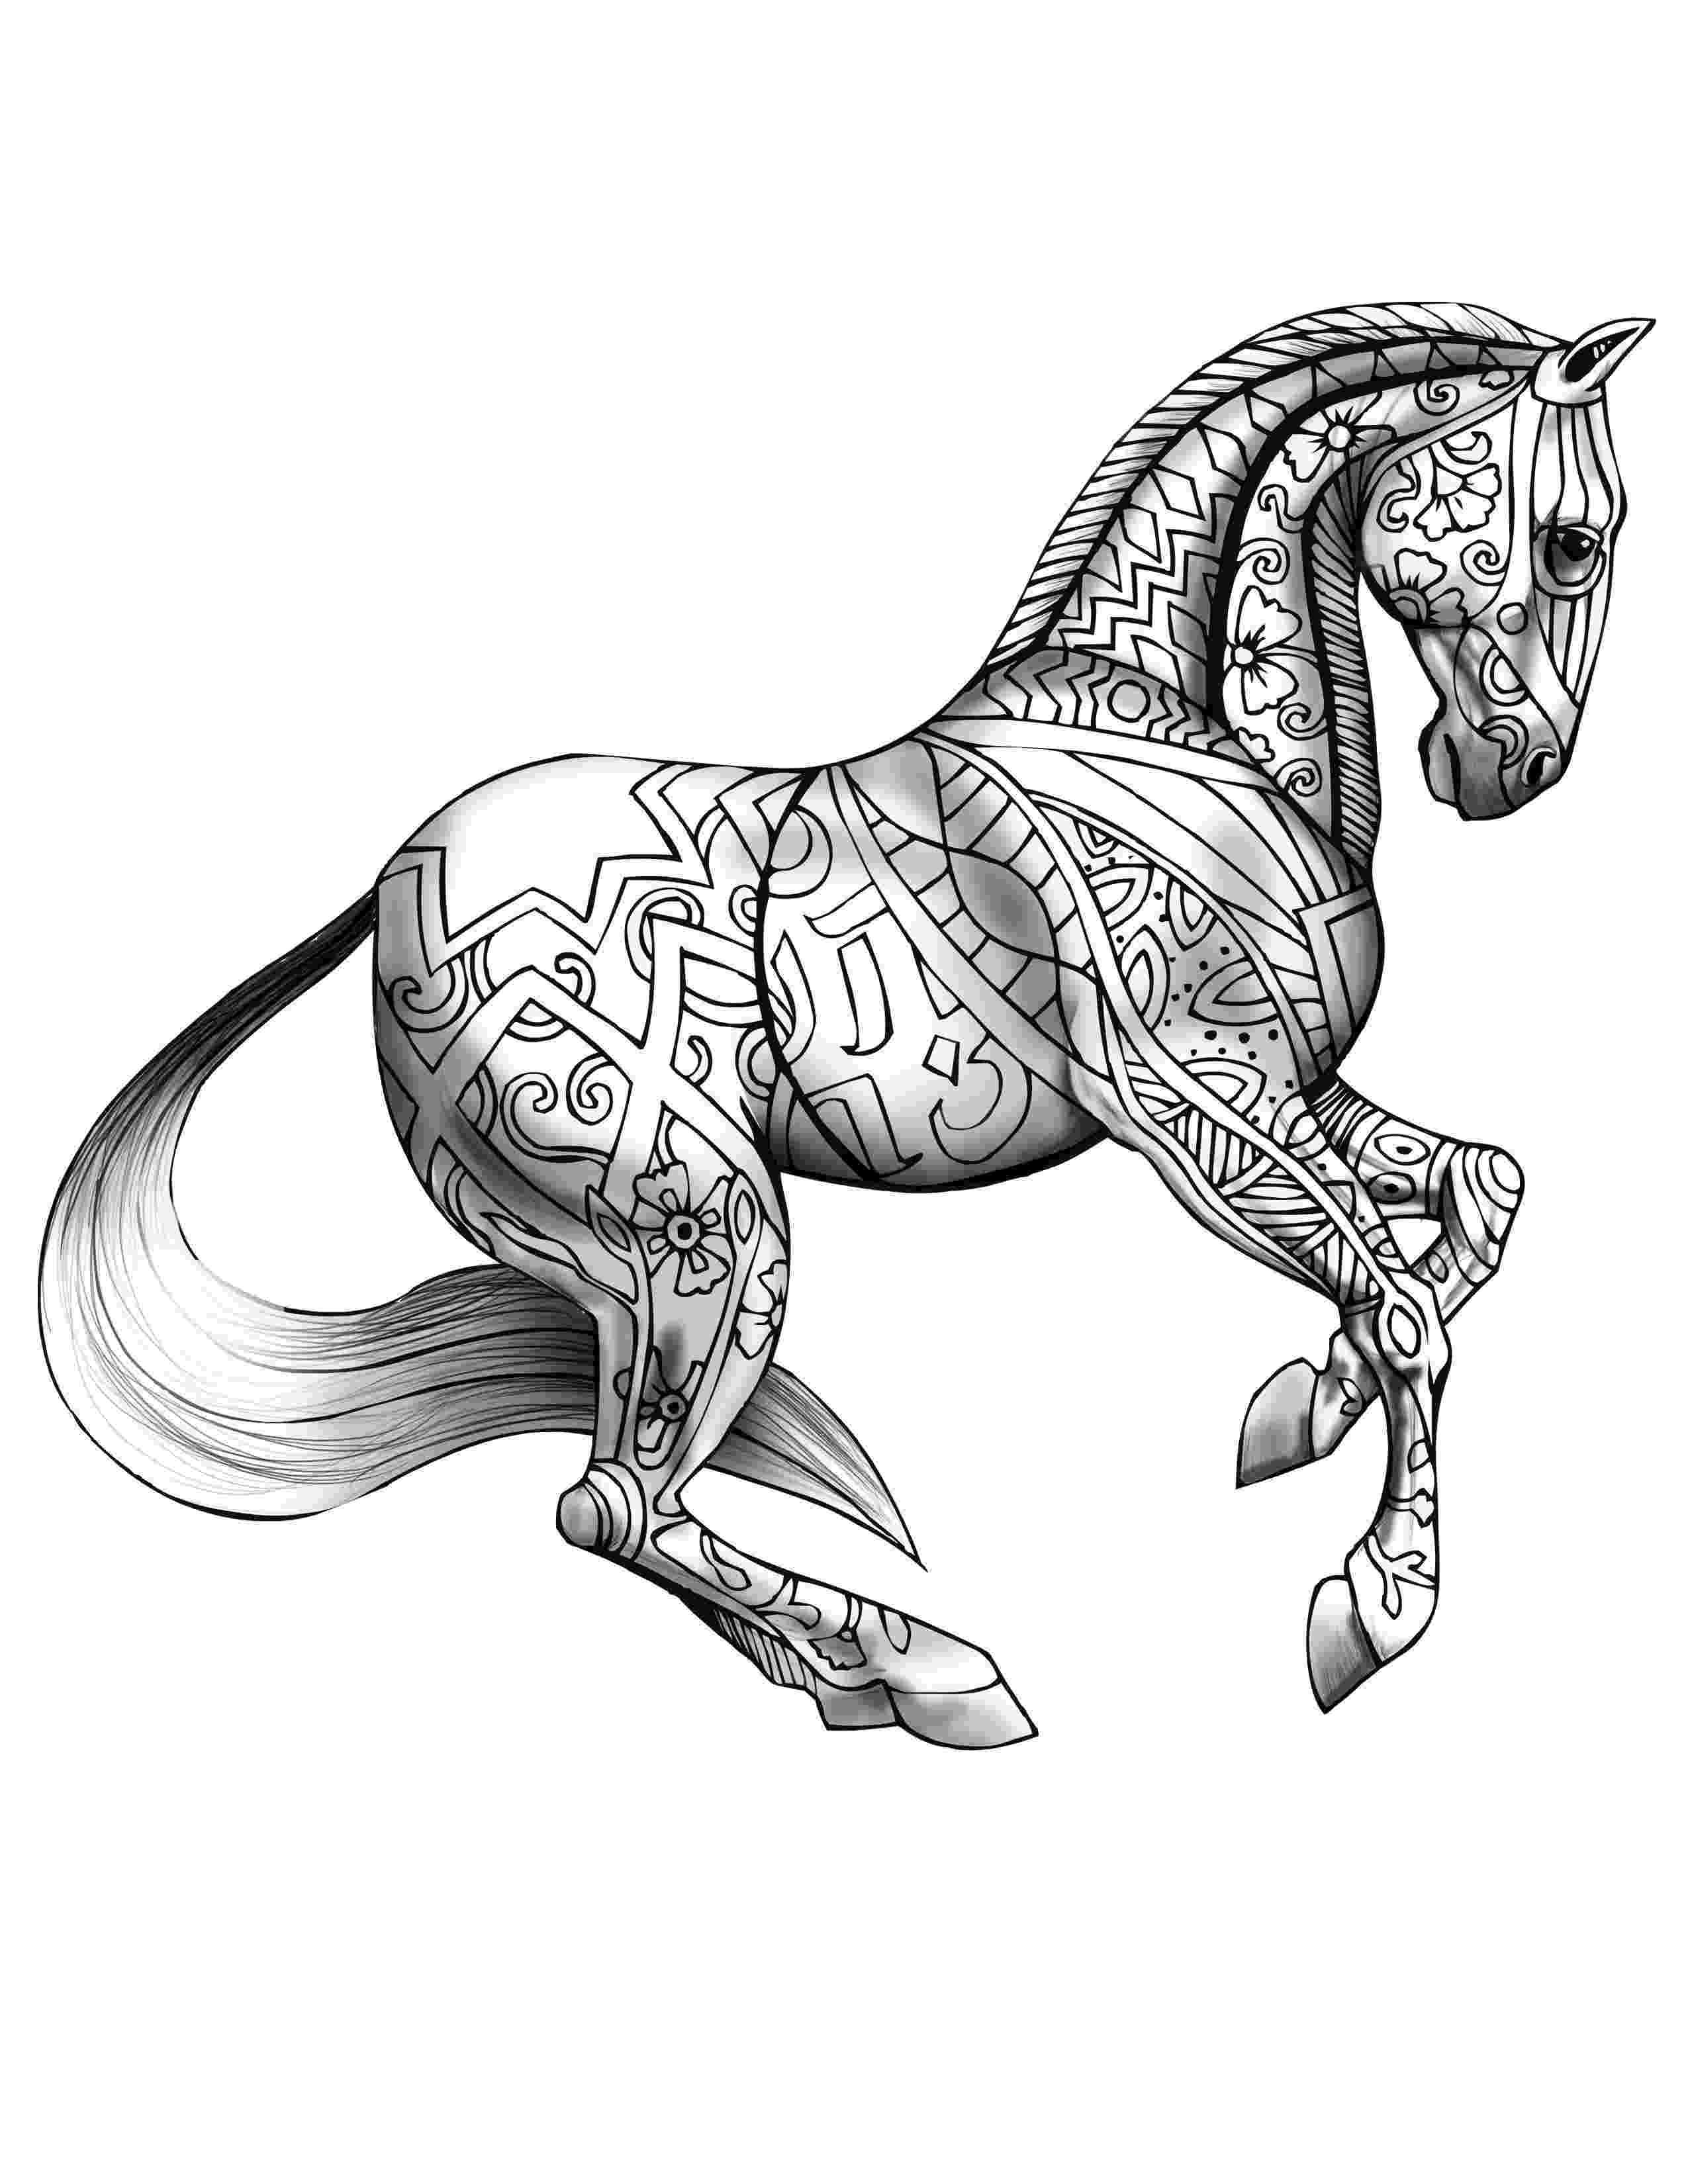 coloring pics of horses wild horses coloring pages getcoloringpagescom horses coloring pics of